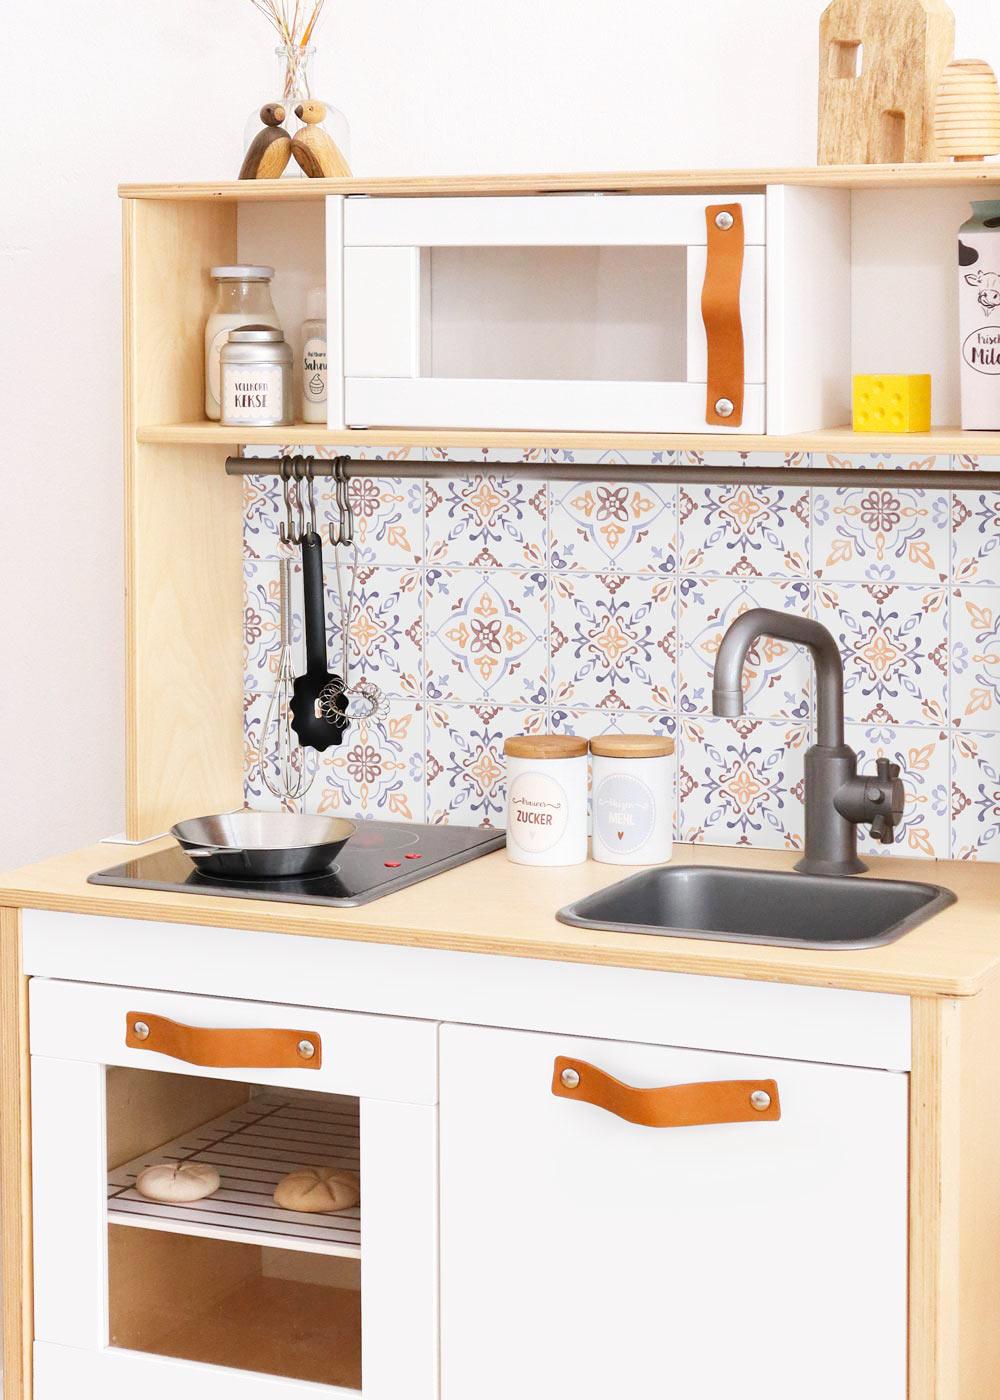 Ikea Duktig Kinderküche Kachla Mediterano Nordisch blau Komplettansicht Seite